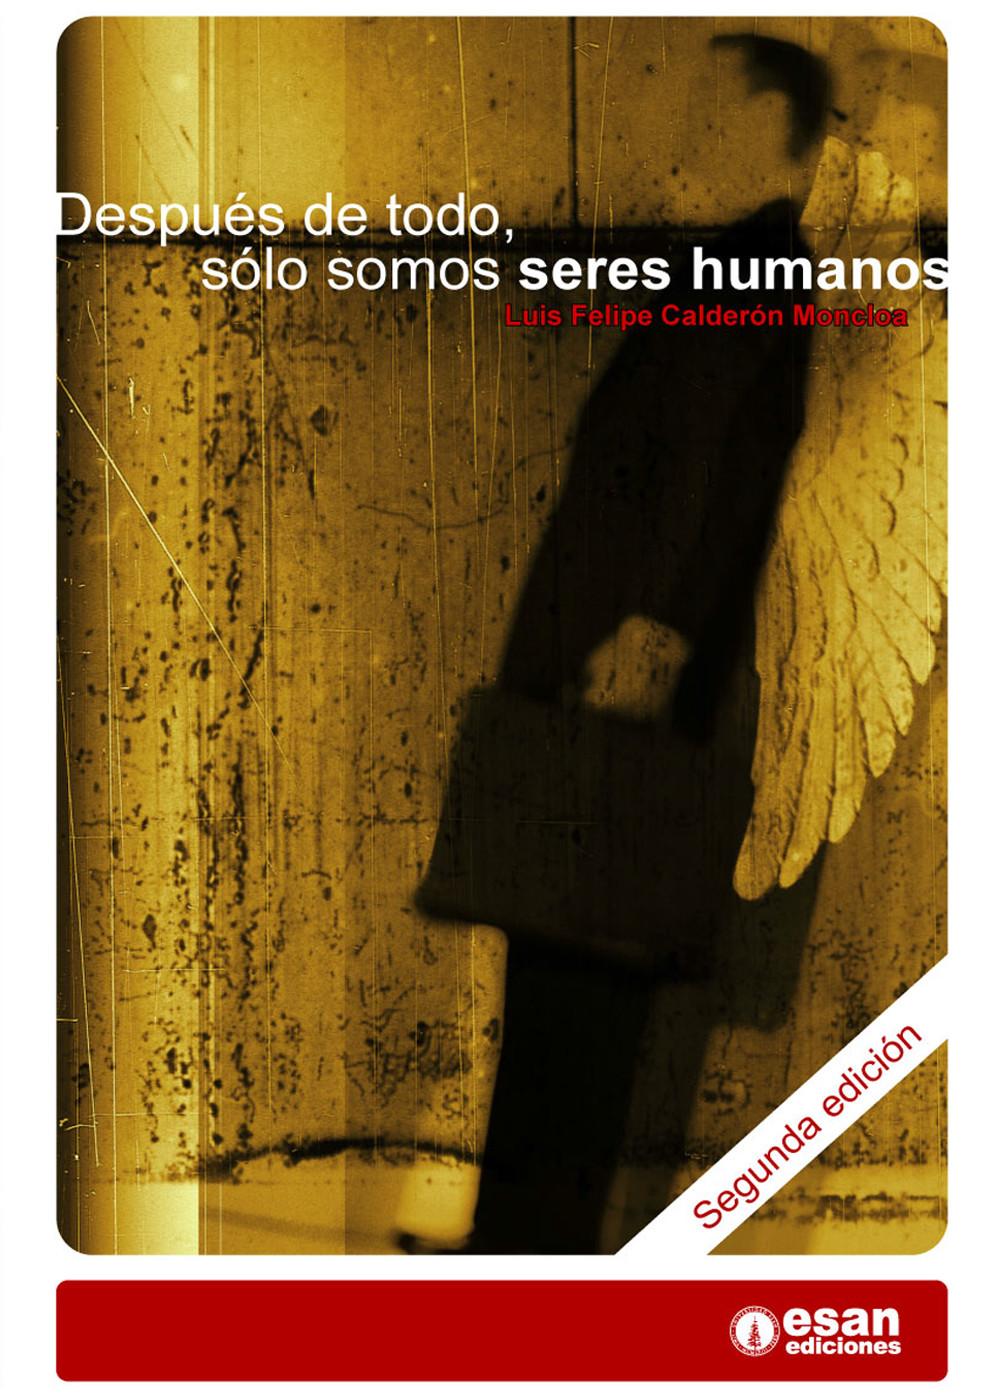 Después de todo sólo somos seres humanos